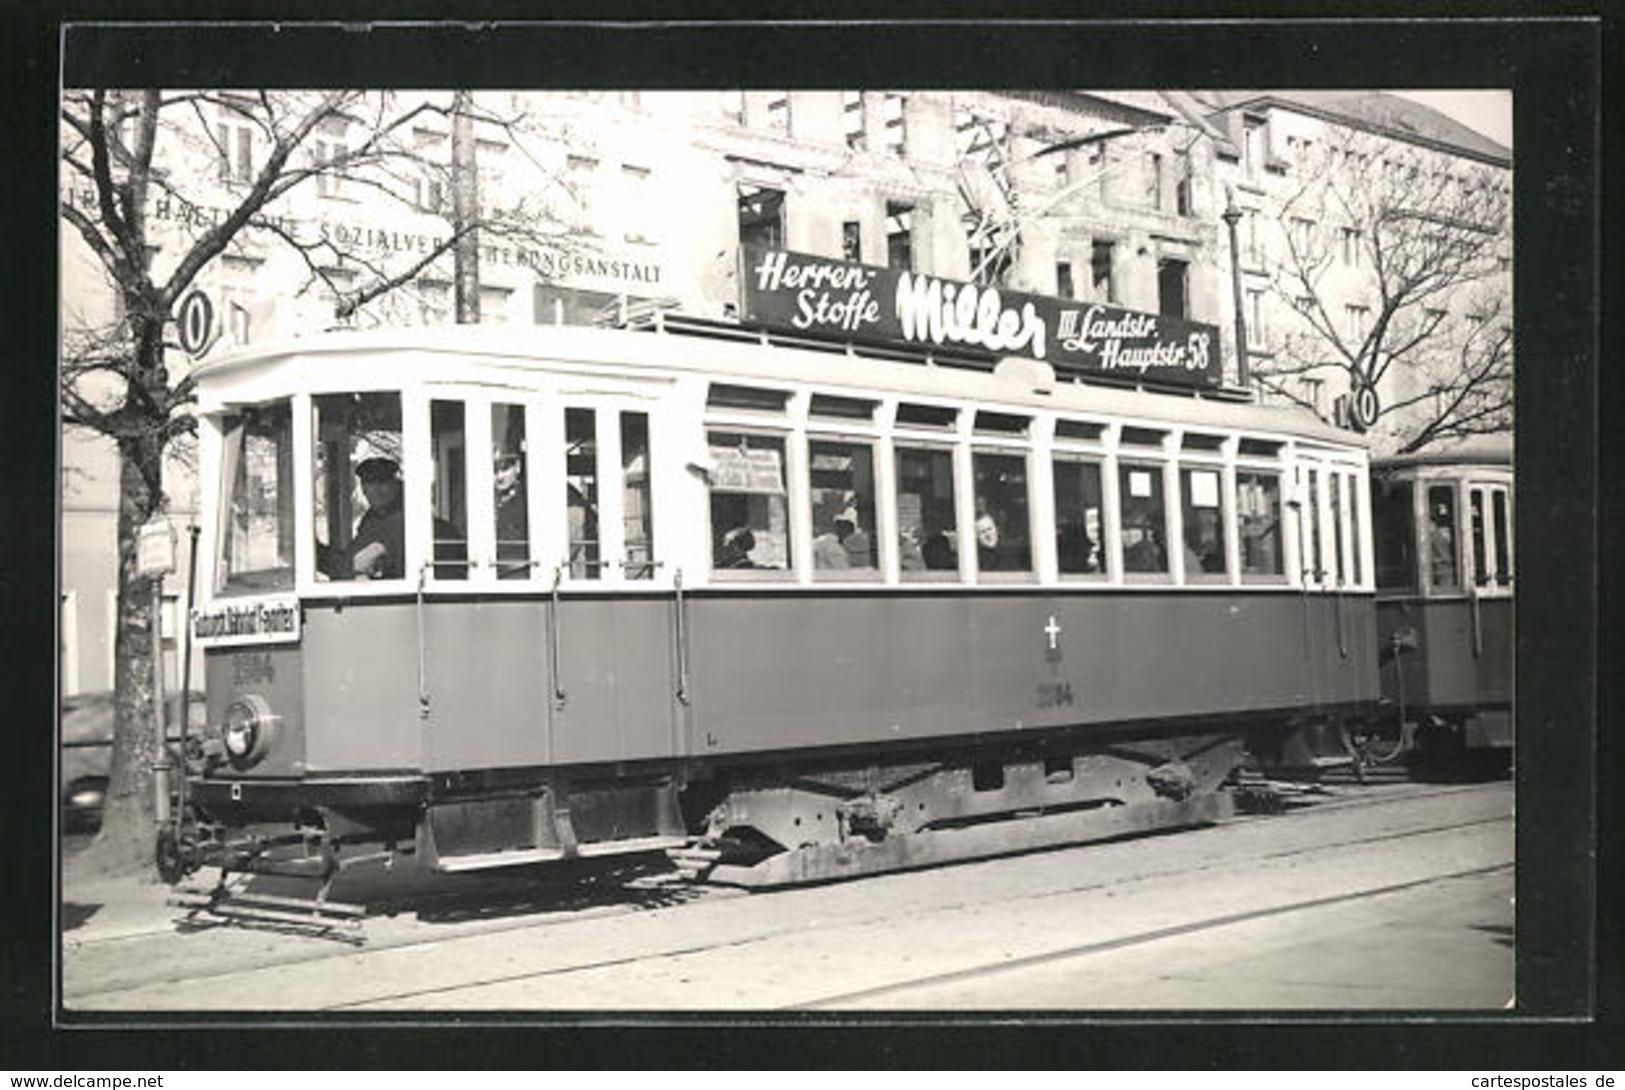 AK Wien, Strassenbahn Mit Reklame Herren-Stoffe Miller - Tram